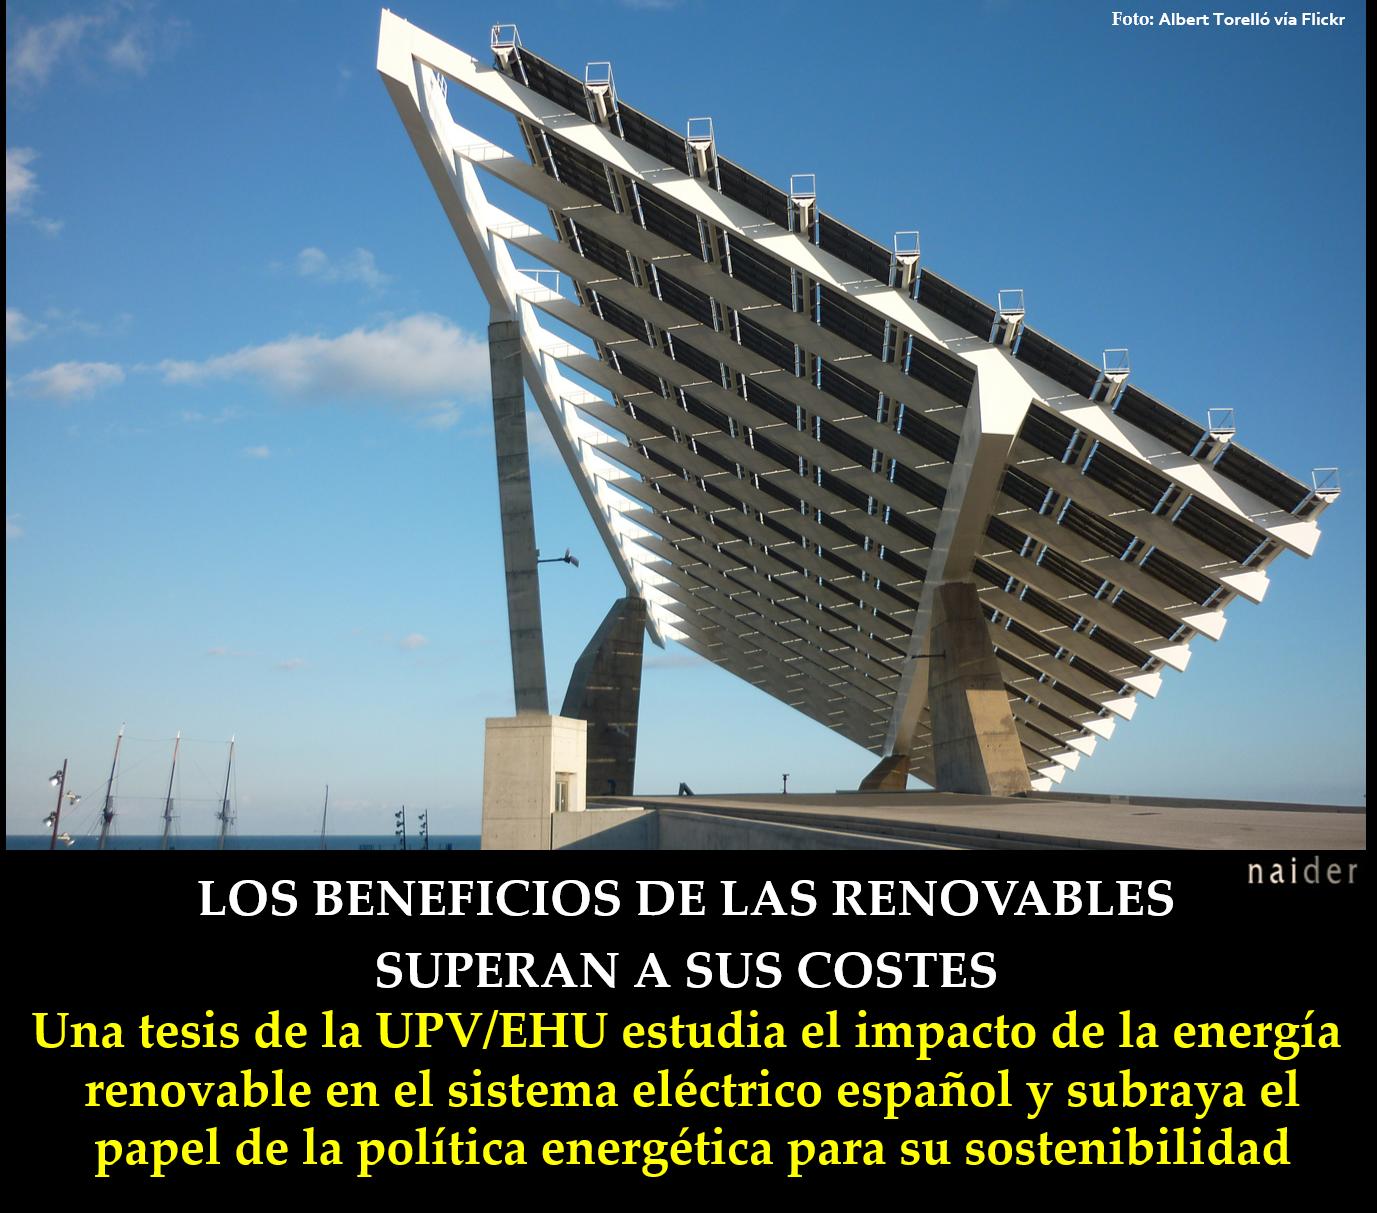 Los beneficios de las renovables superan a sus costes infopost